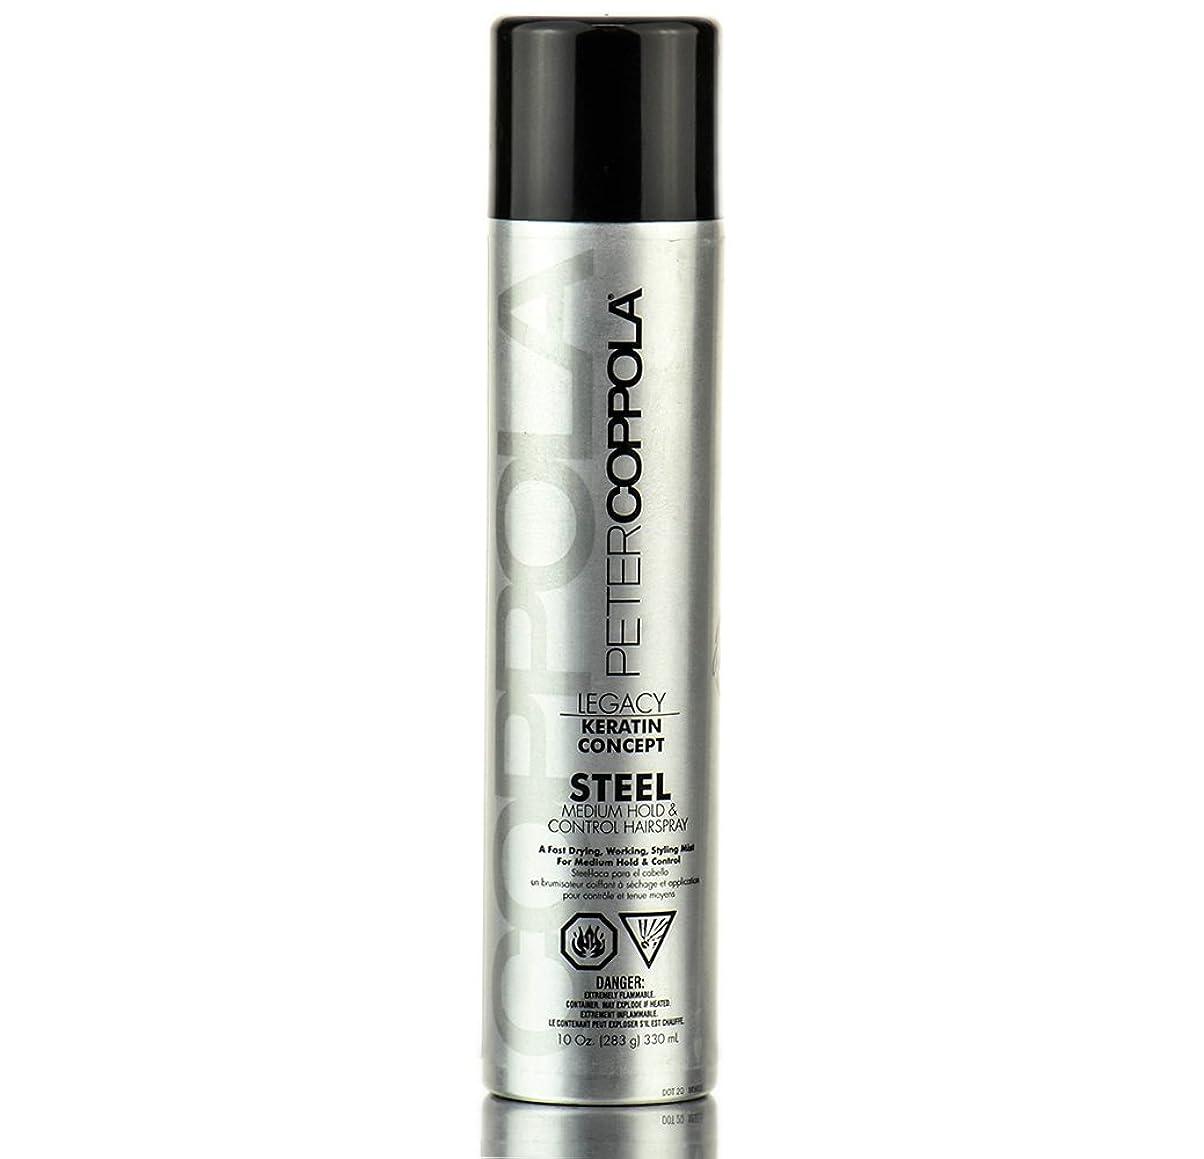 予知環境に優しい同行するPeter Coppola スチールヘアスプレー - 軽量、ミディアムホールド、柔軟なホールドは、スタイリングヘアボリューム&スタイリングのすべての髪のタイプを追加するための10オンスミディアムシャインスプレー medium_hold